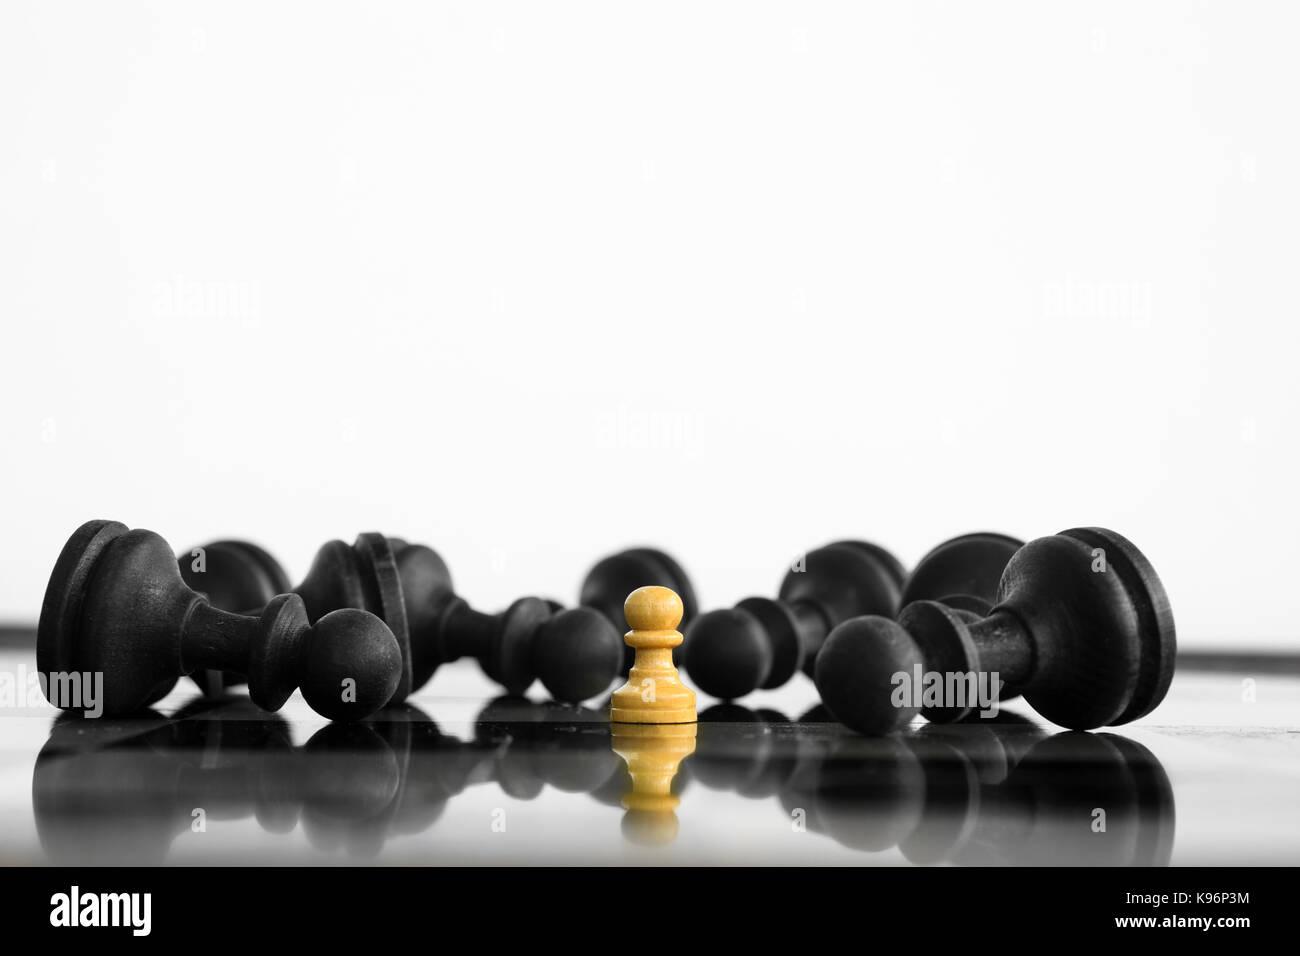 Weiß peon Ständigen siegreich vor einem besiegt Schwarz chess Armee nach der Konfrontation. Stockbild